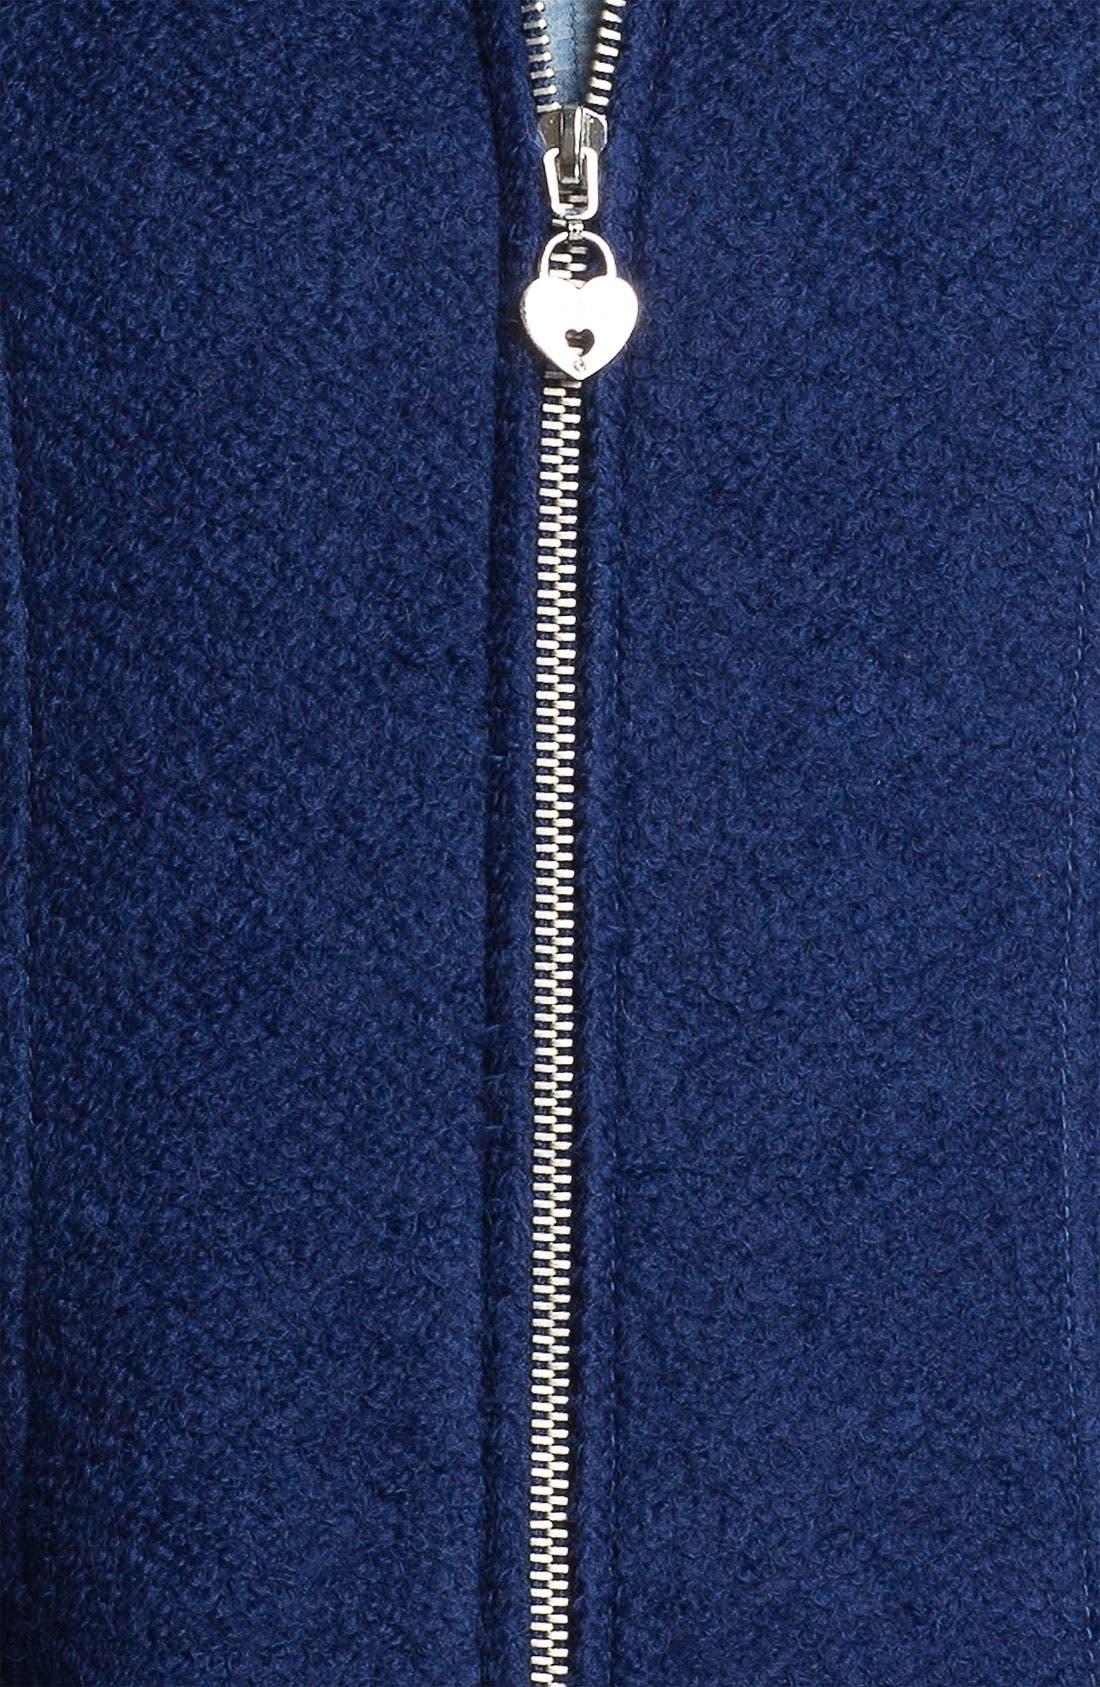 Alternate Image 3  - GUESS Bouclé Walking Coat (Petite) (Online Exclusive)